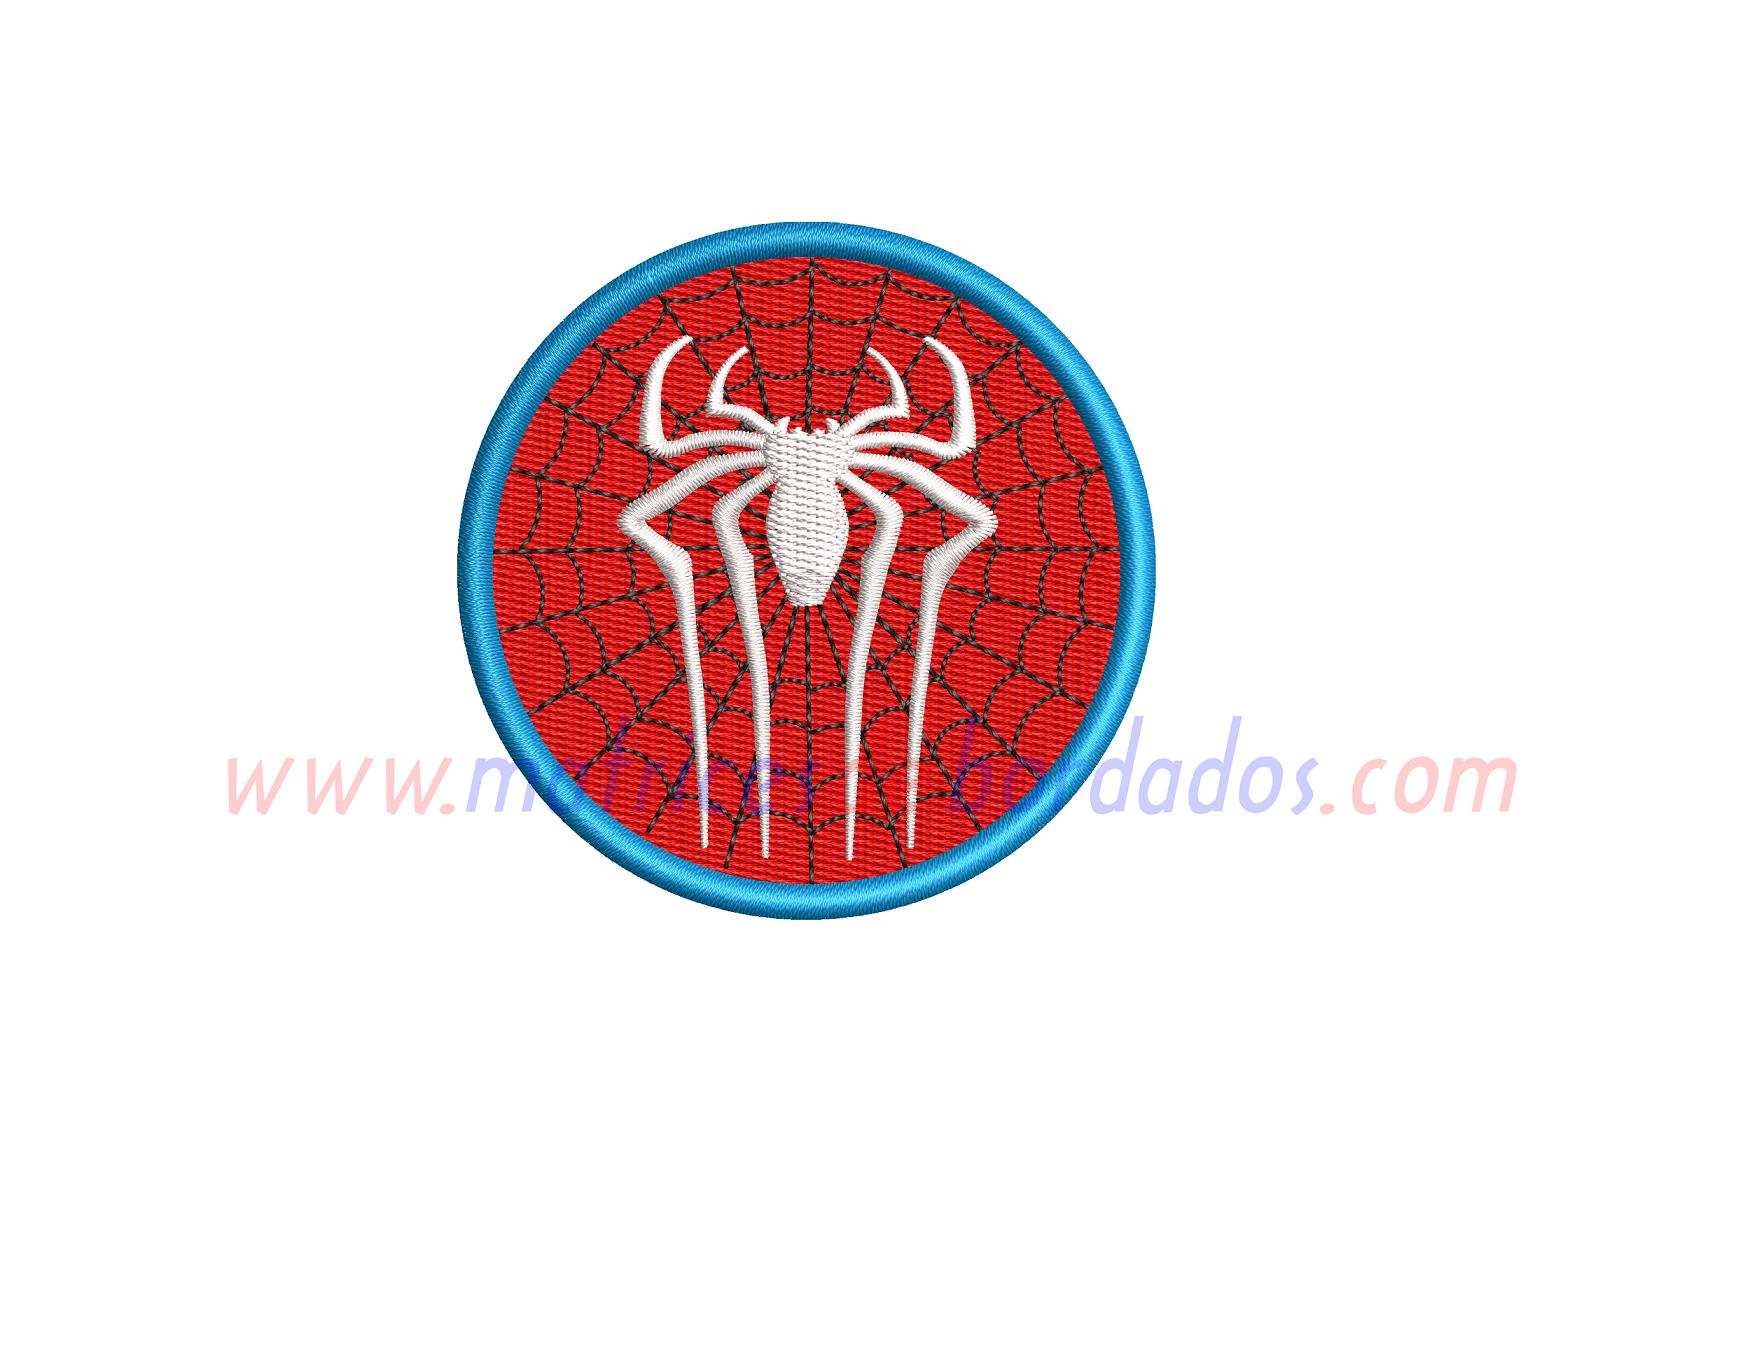 AK37JR - Spiderman